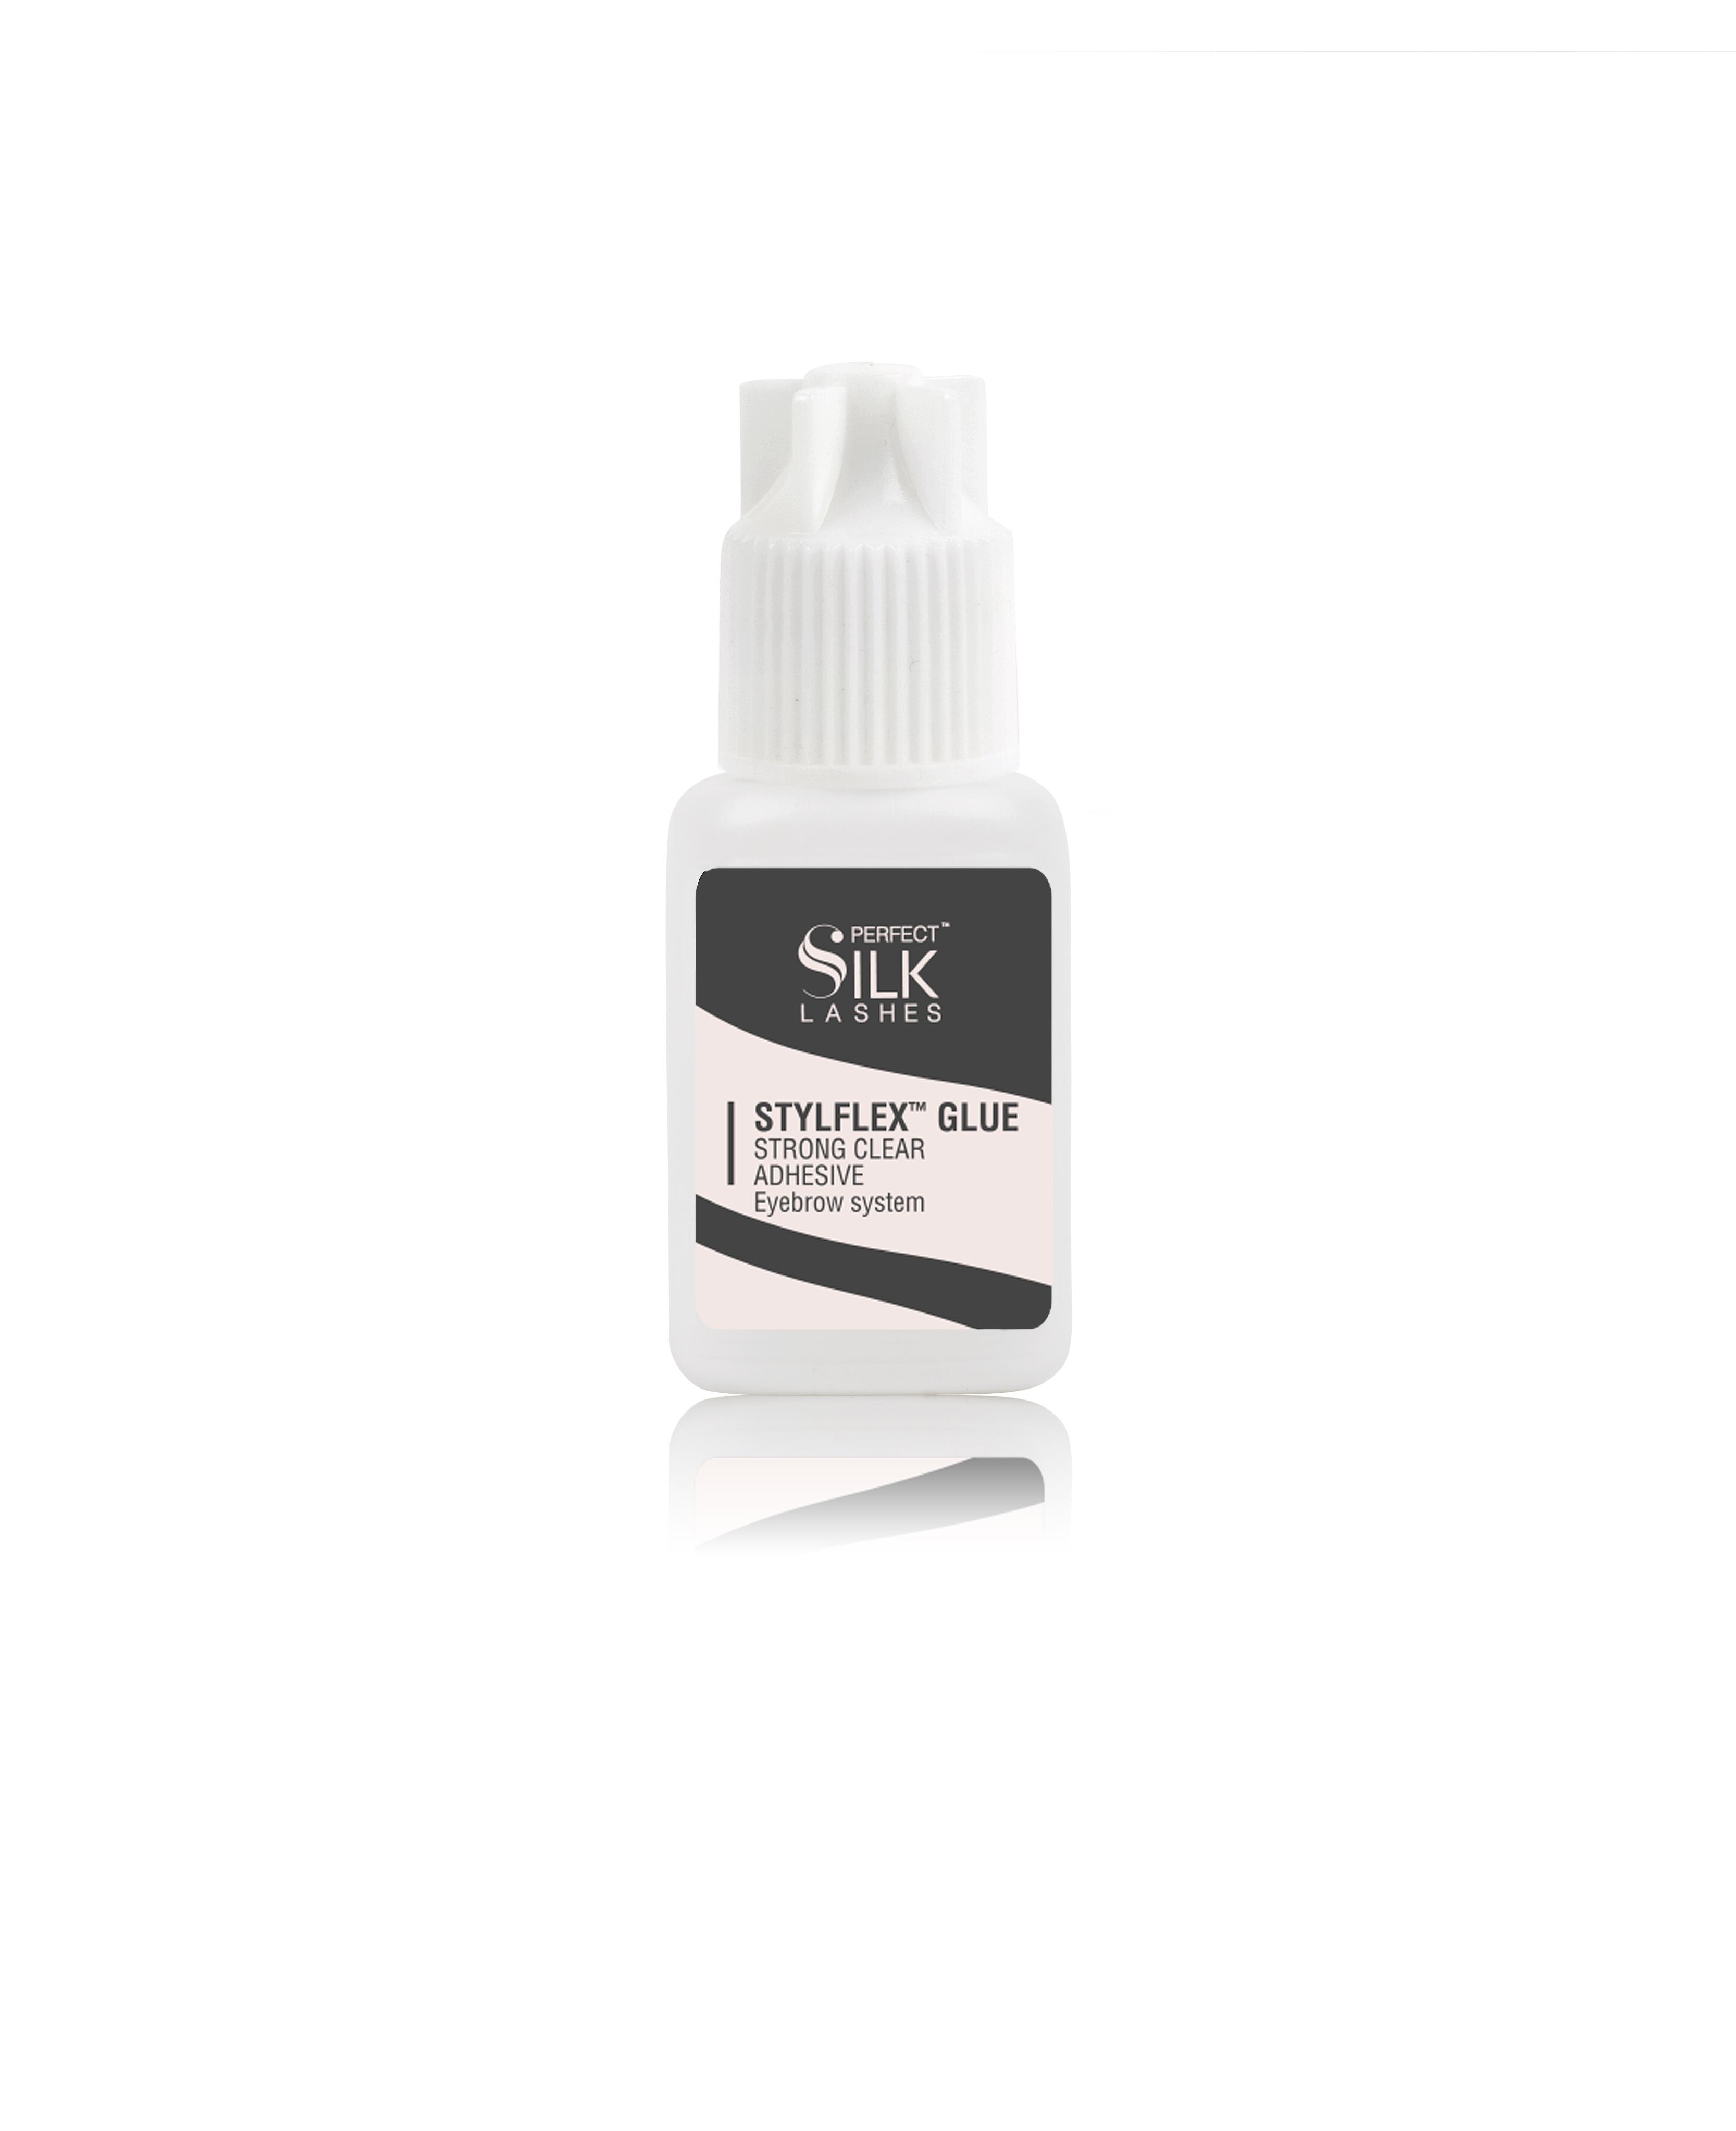 StylFlex™ Glue